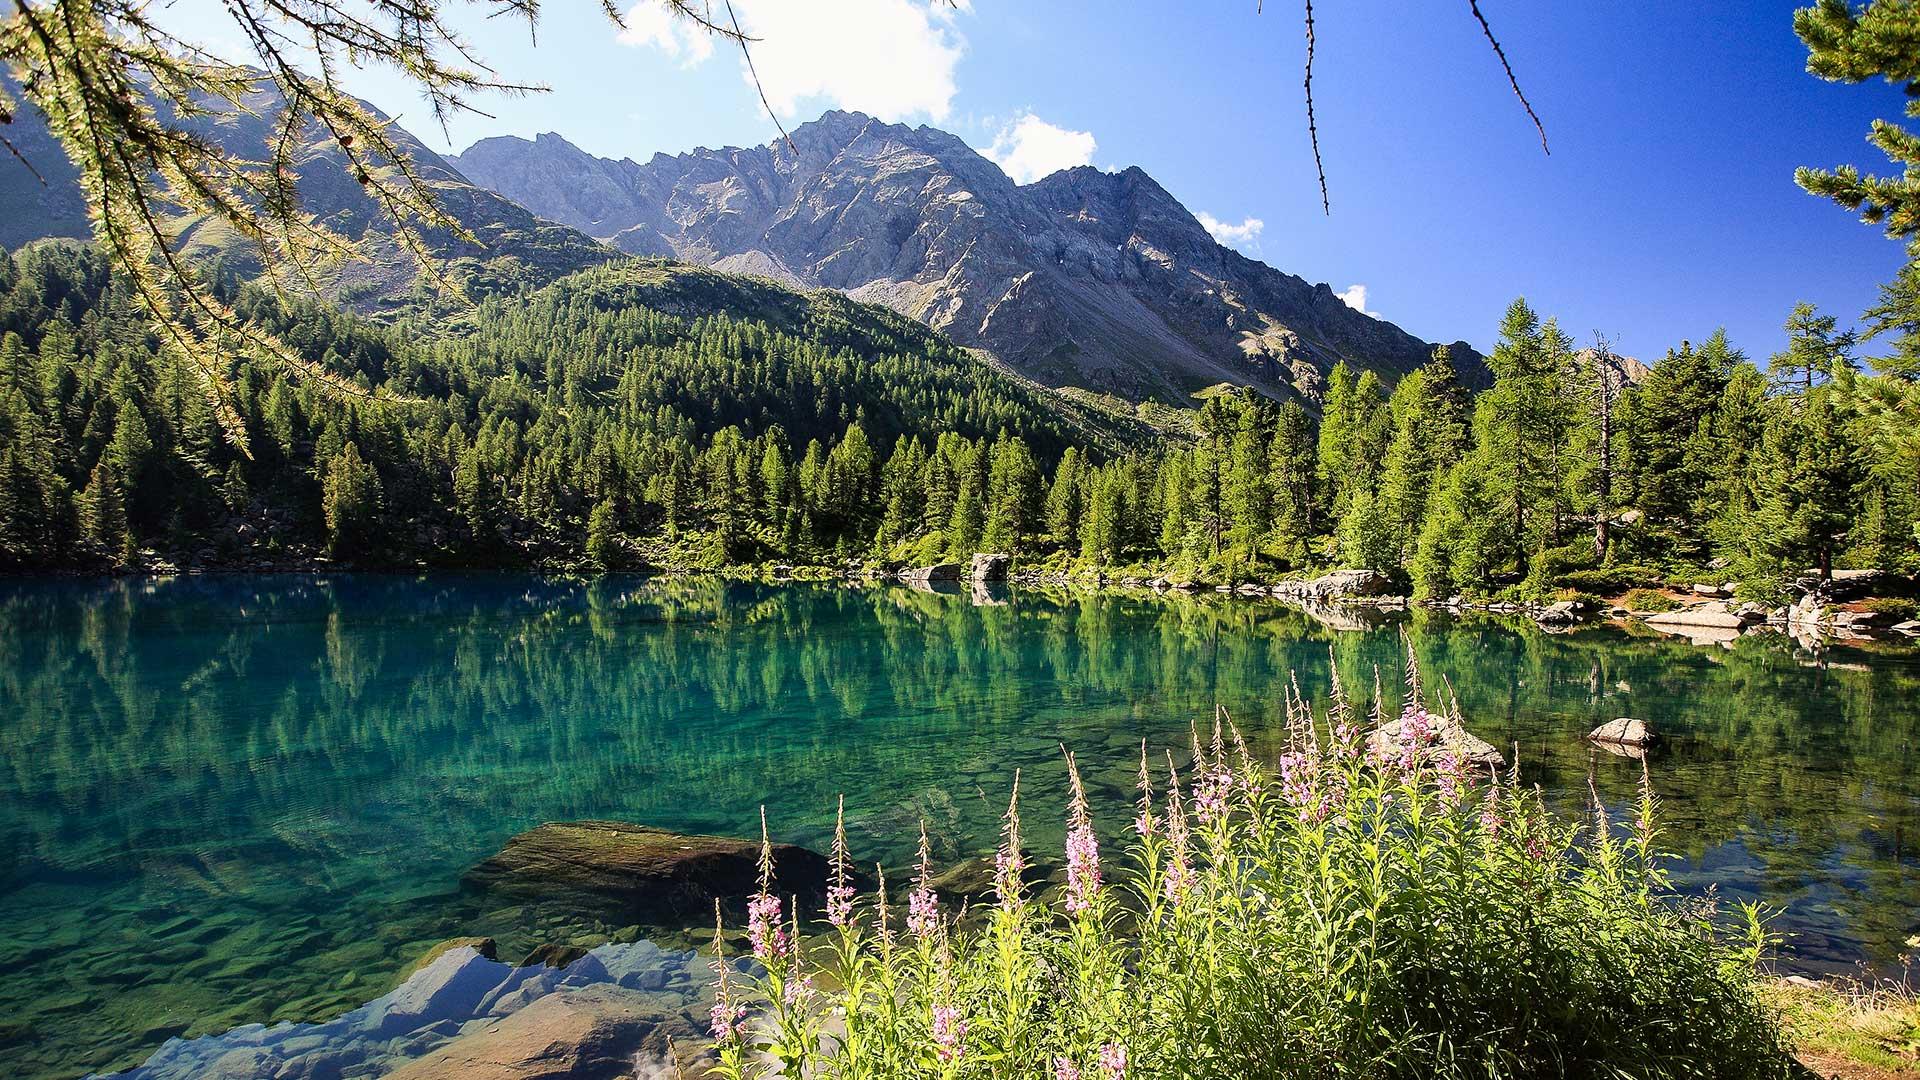 Naturbestattung; dauerhafte Begräbnisstätte für Ihren lieben Verstorbenen in den Schweizer Alpen